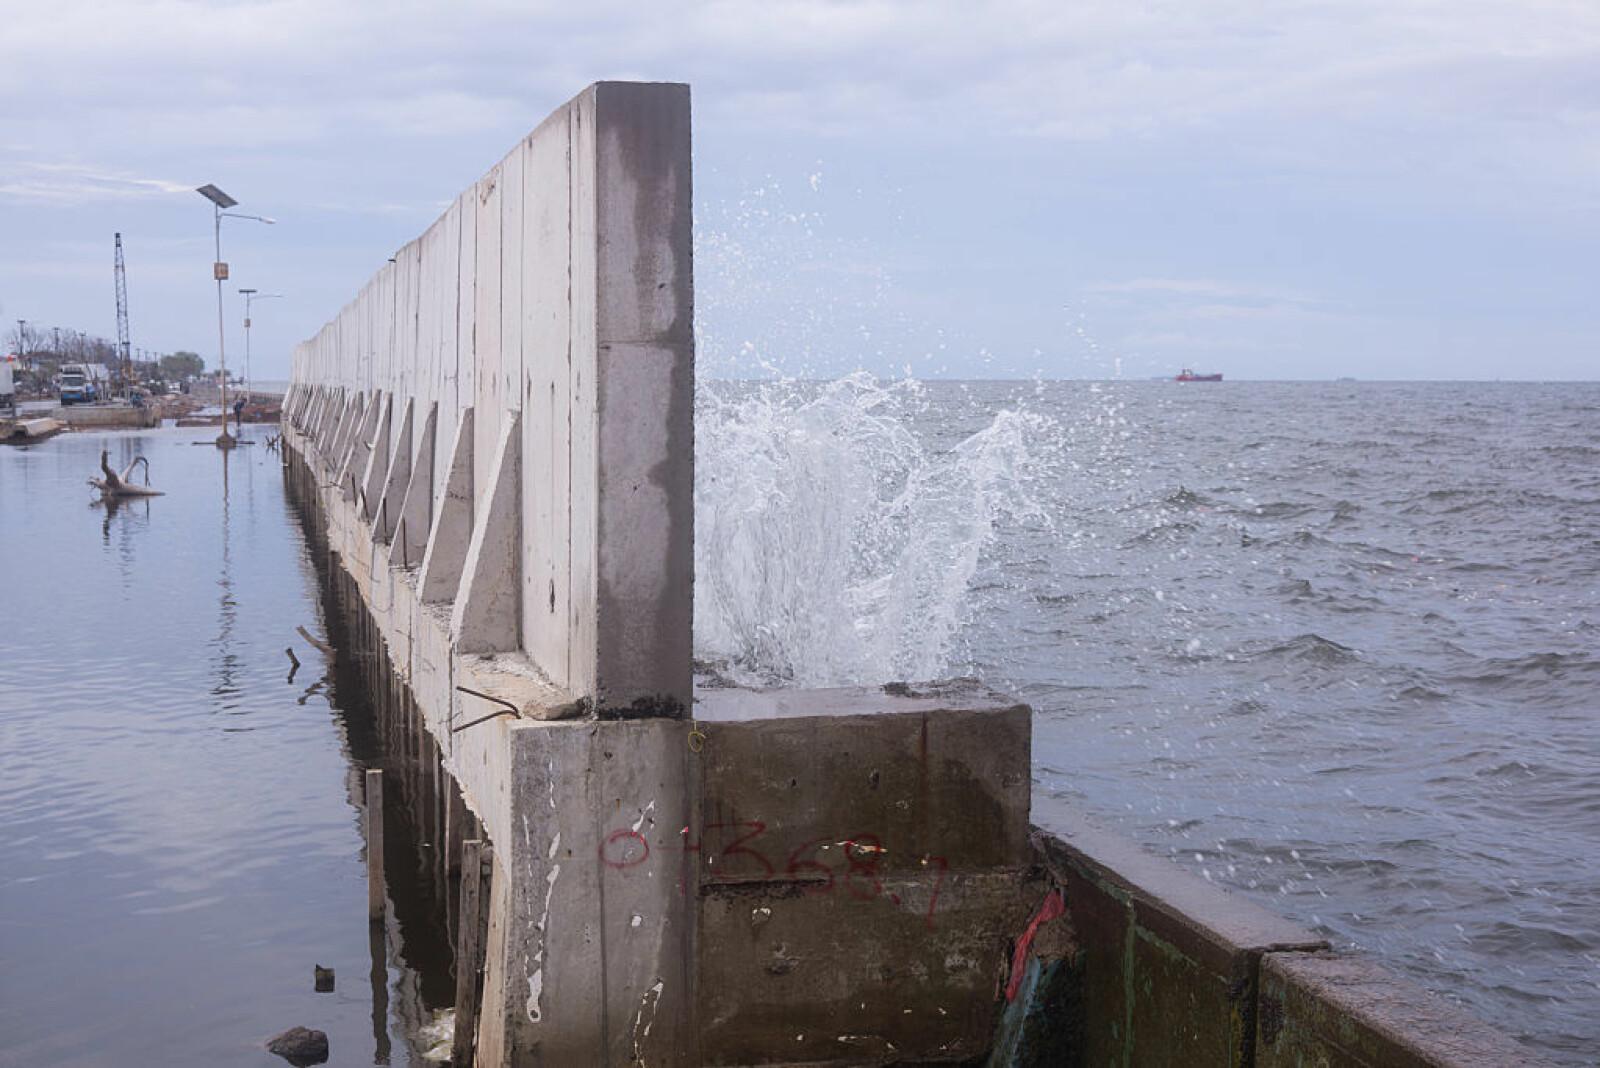 <b>BYGGER MUR:</b> Jakarta bygger en mur mot havet. Det vil likevel bare kjøpe dem litt ekstra tid, ifølge en ekspert.